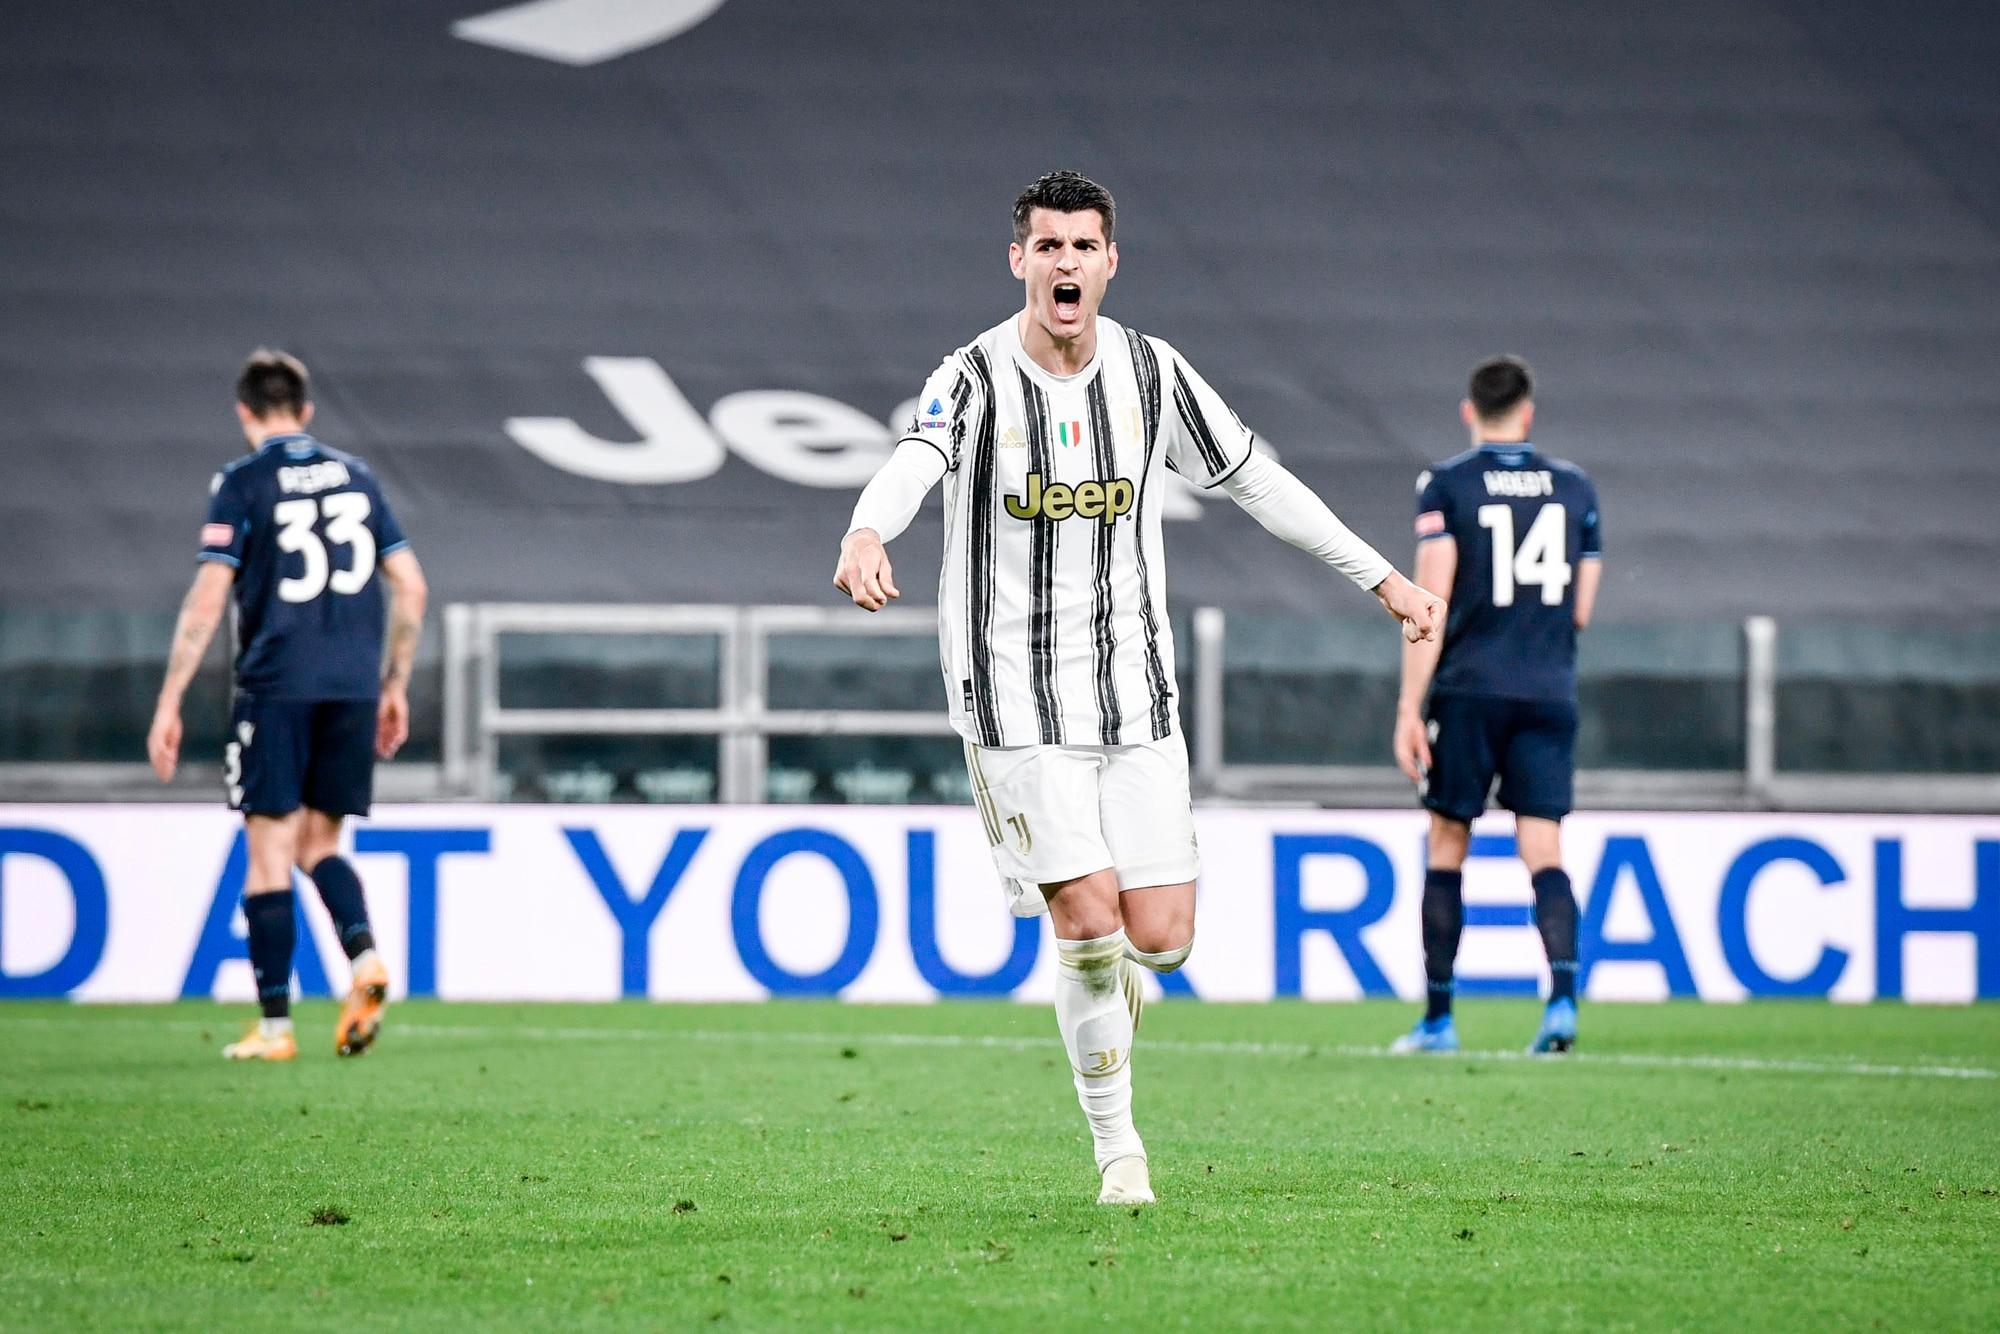 Juve-Lazio 3-1, il tabellino ⋆ CorriereQuotidiano.it - Il giornale delle  Buone Notizie